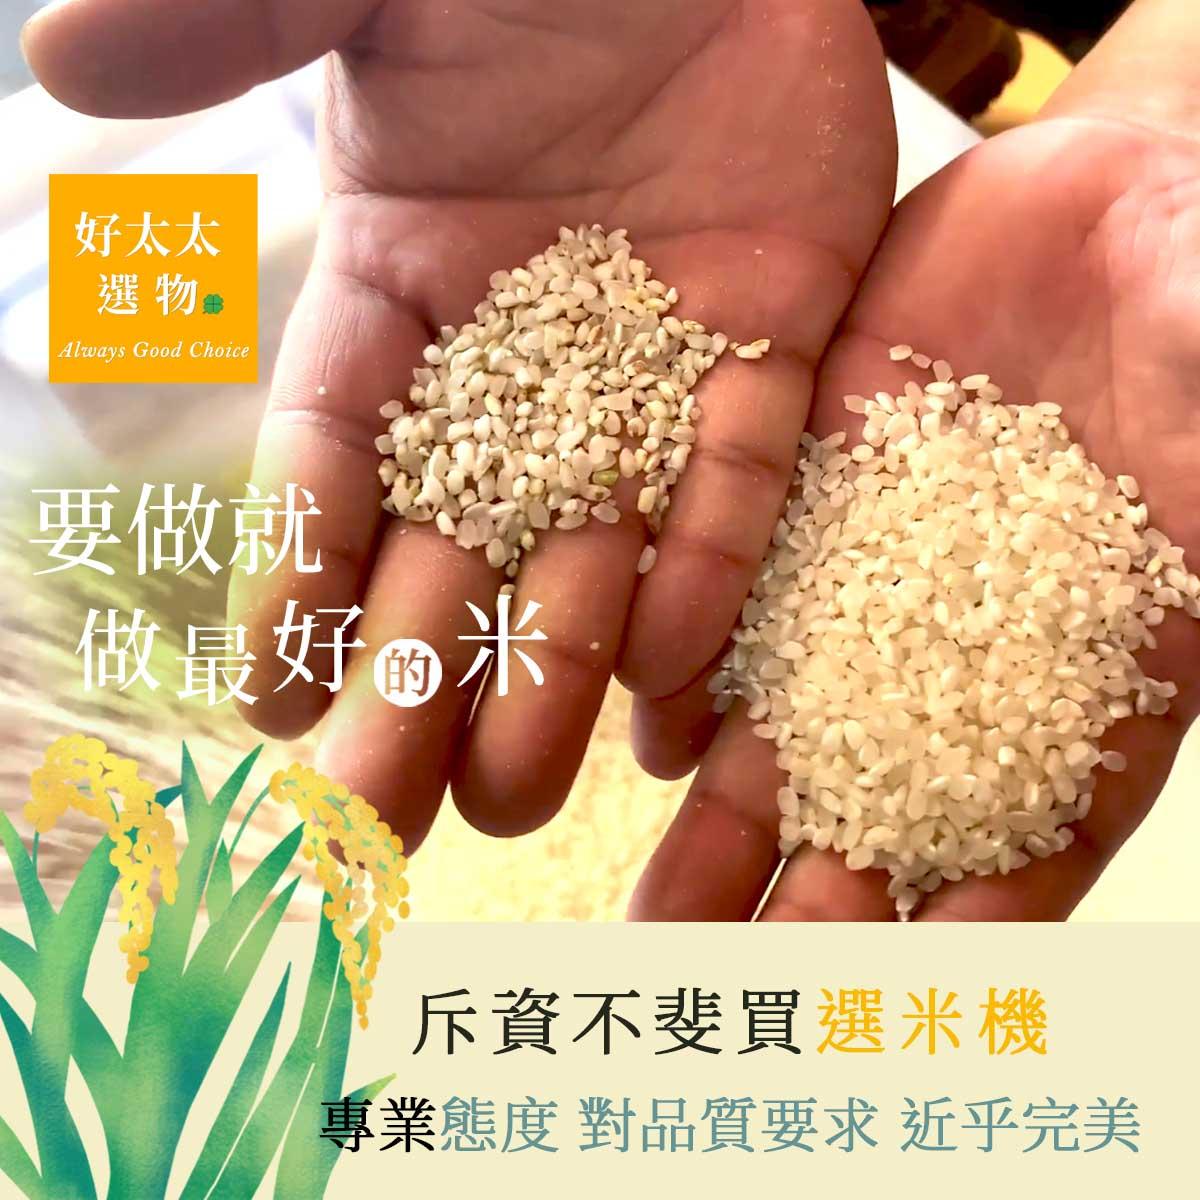 左邊為去除糠層的米,模樣已經很接近白米,右邊為經過選色機選別、去除雜粒後的成品,品質優良。